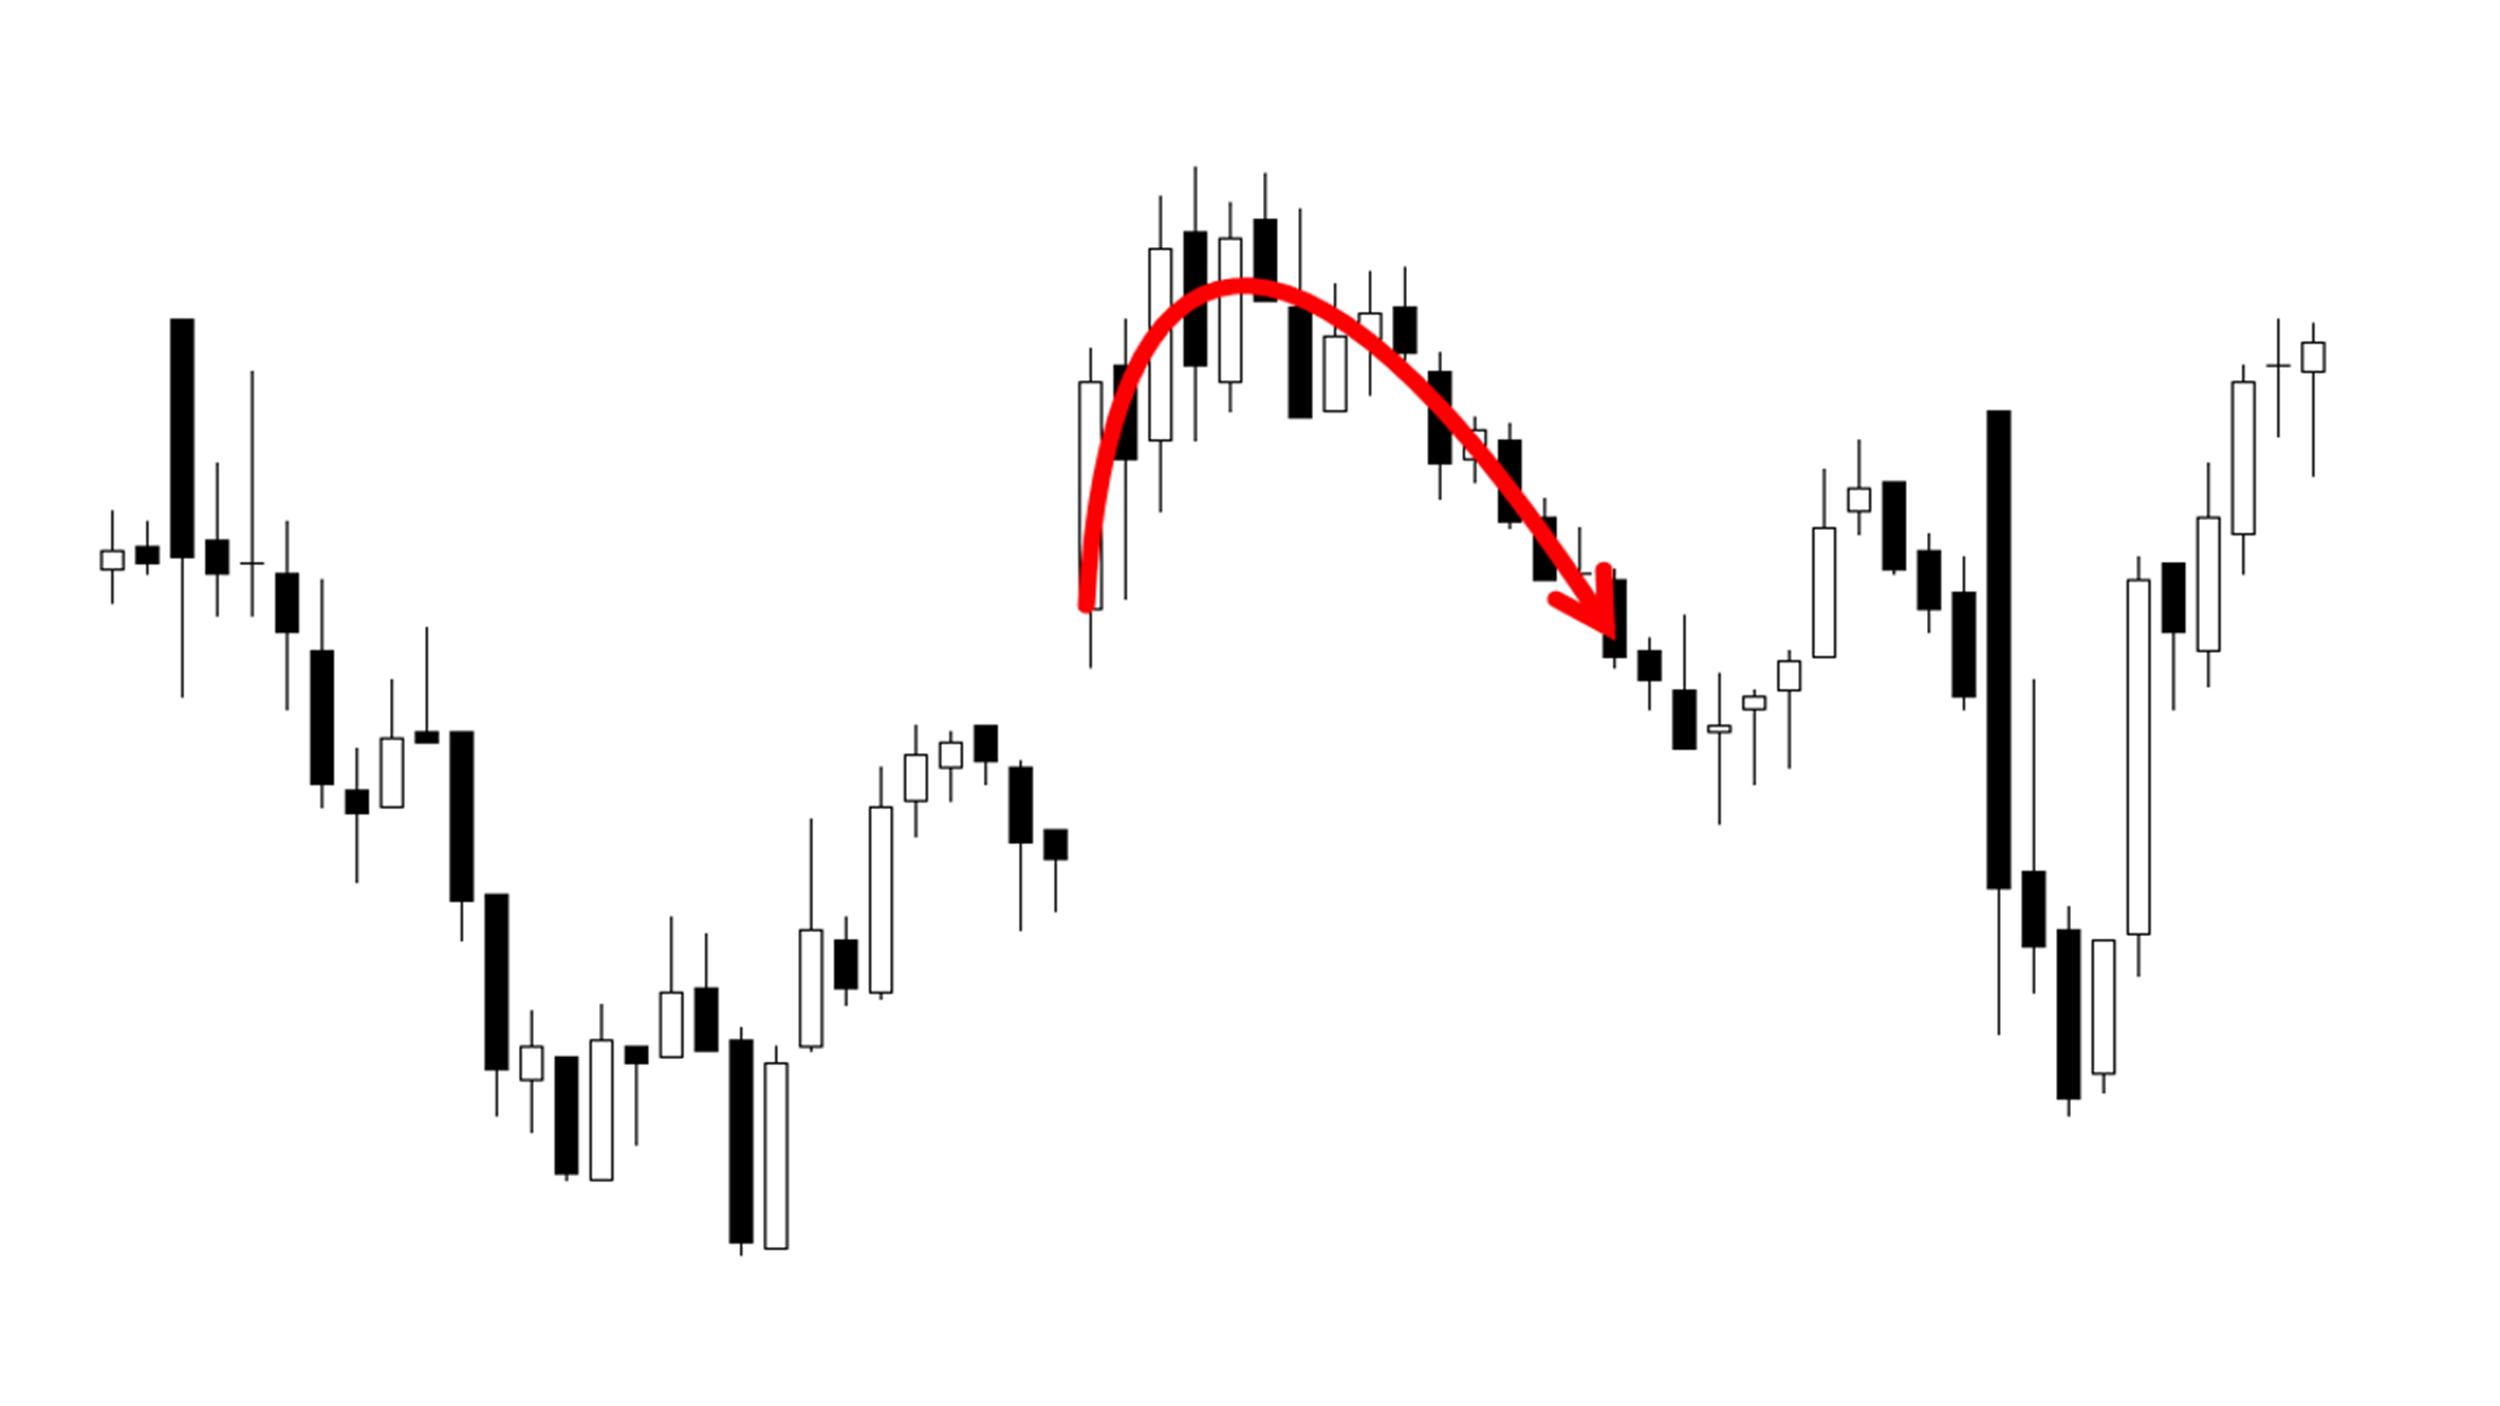 Движение рынка после ГЭПа вверх